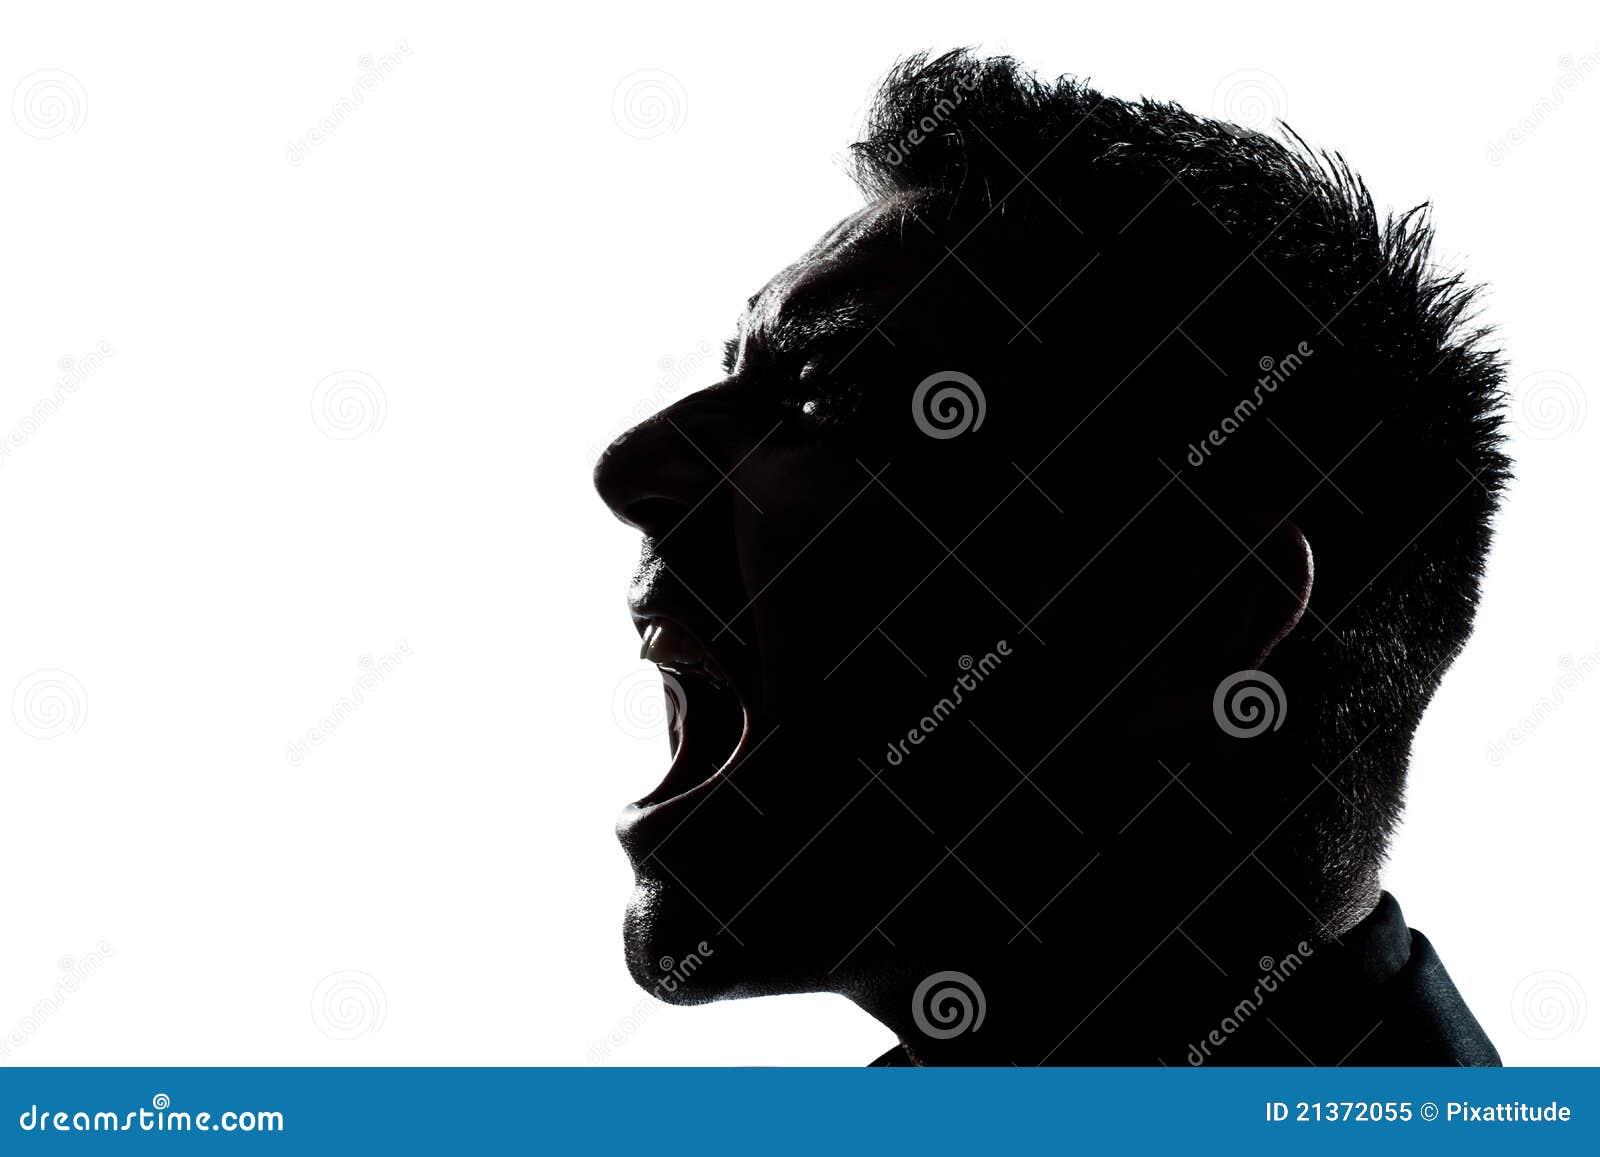 Vampire Profile Silhouette Silhouette man portrait